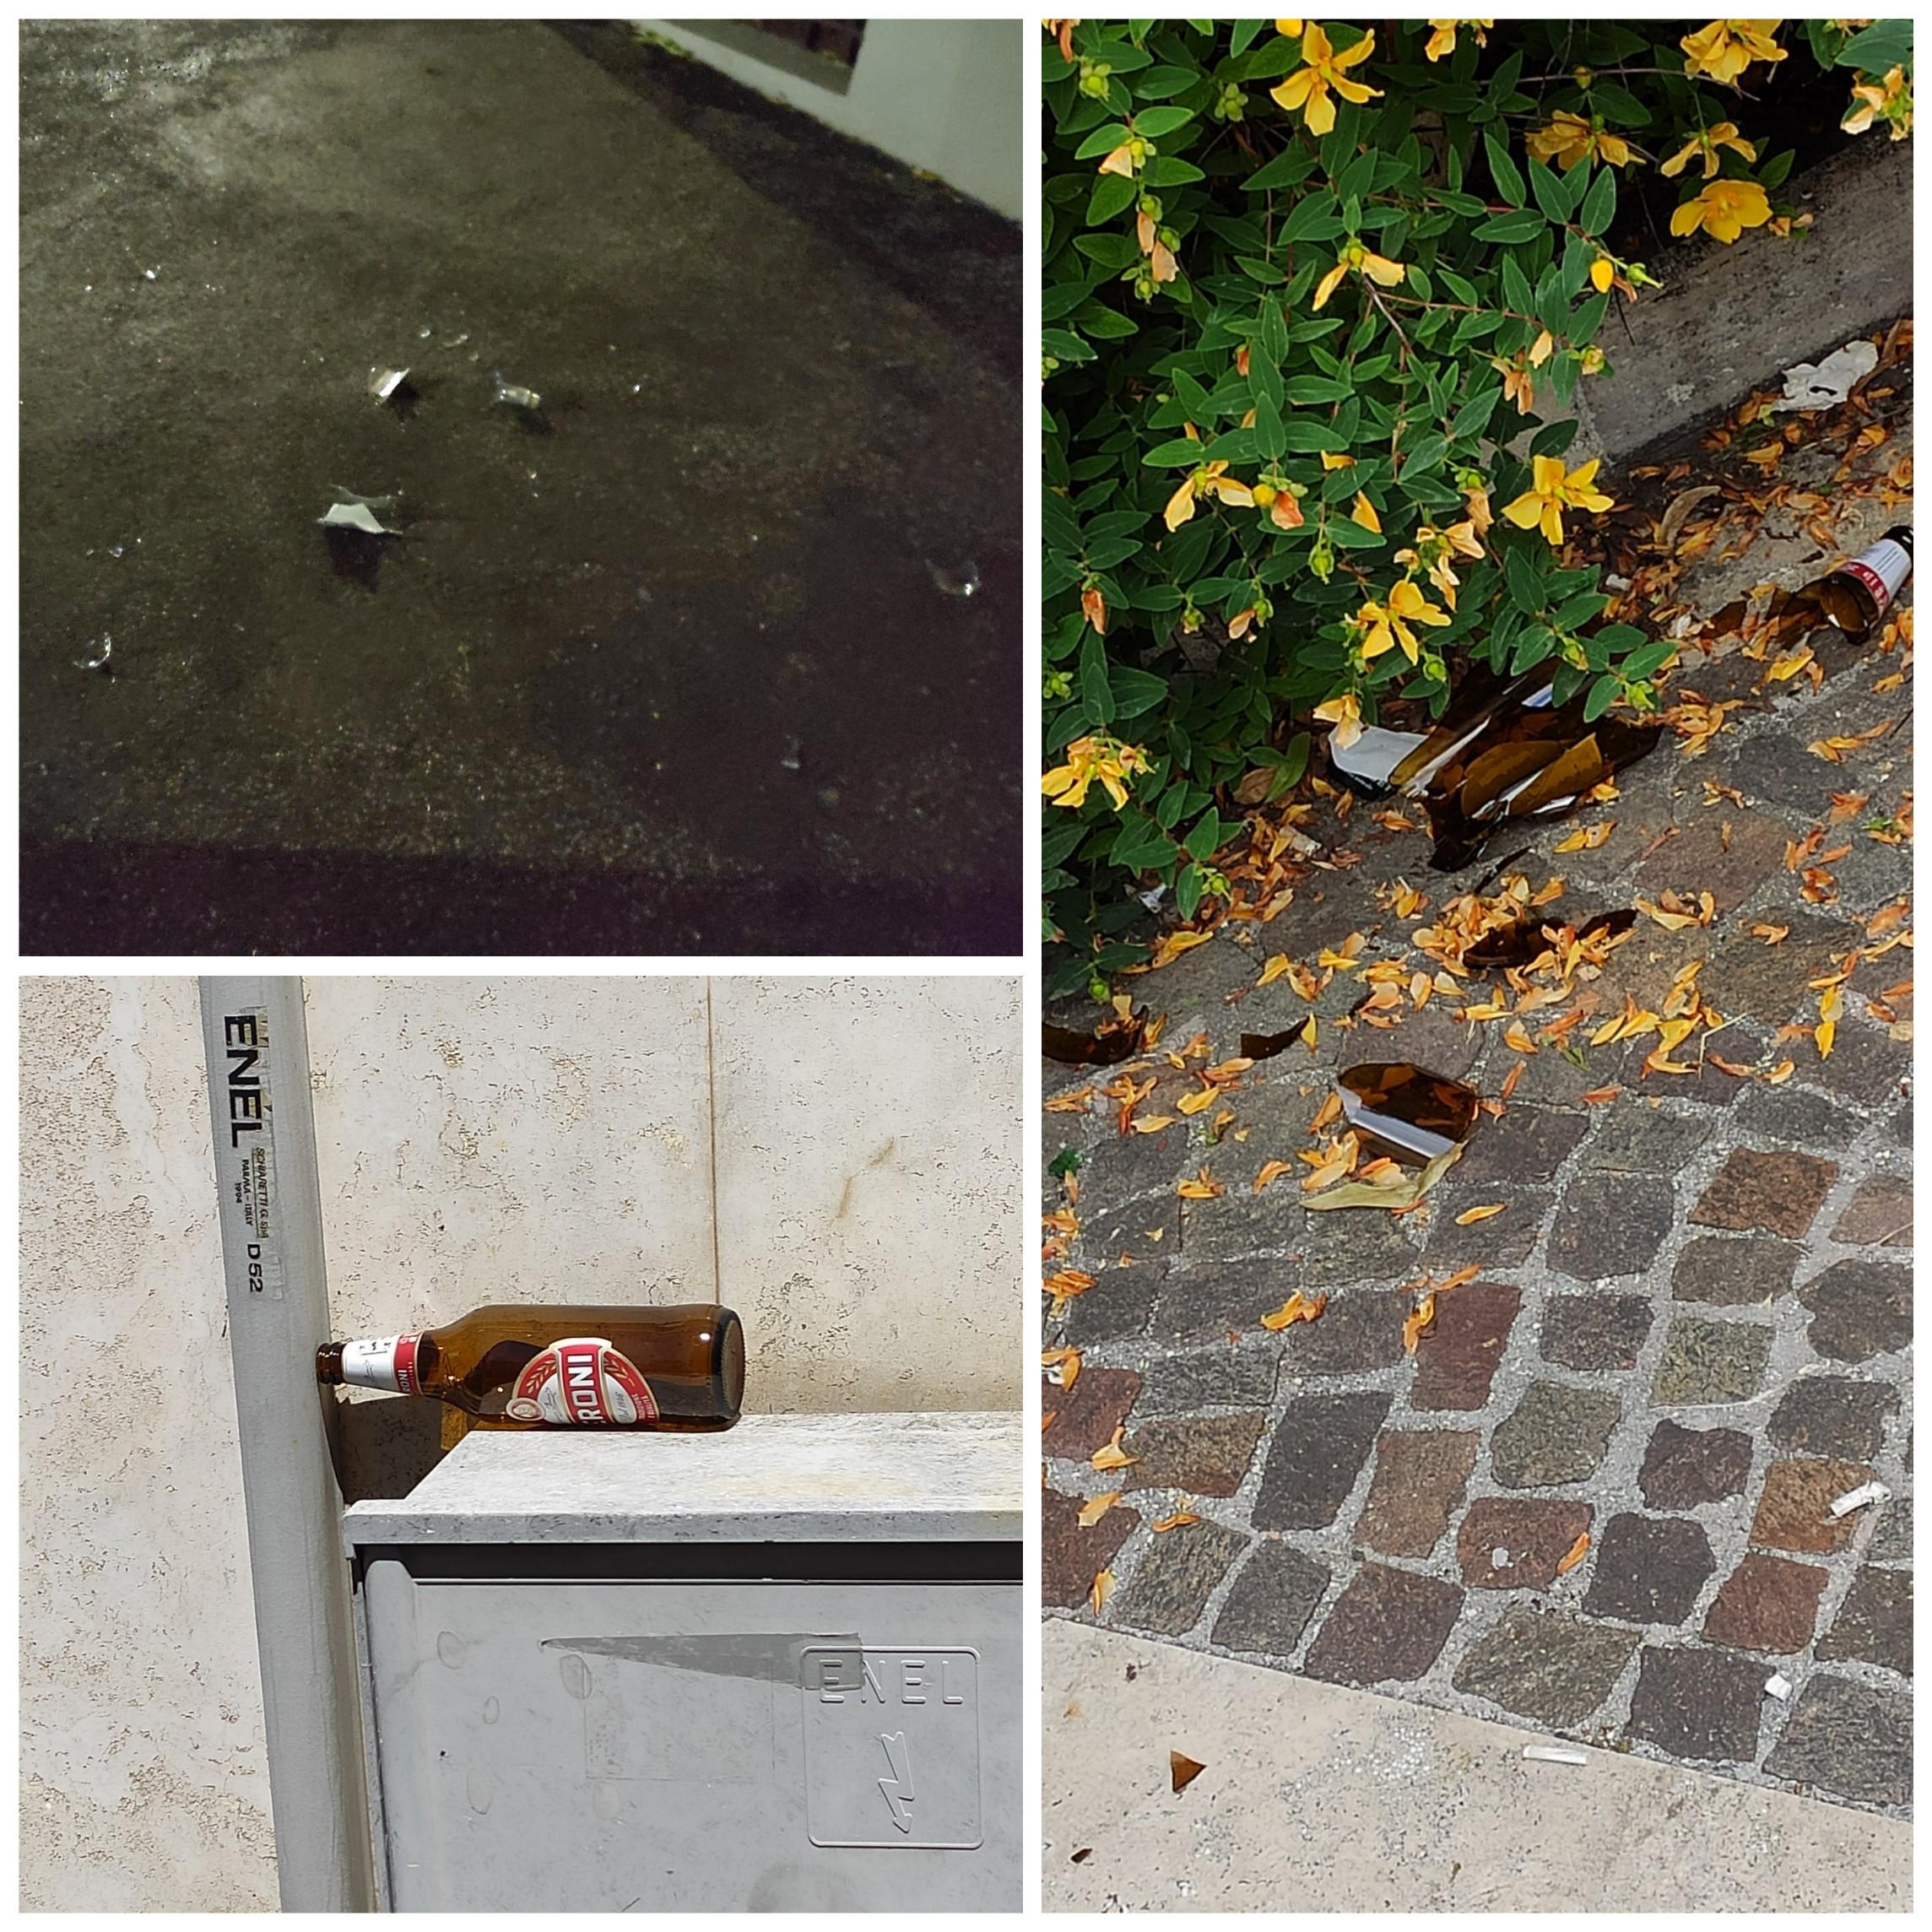 Avezzano, giovani ubriachi danneggiano arredi urbani e lanciano bottiglie contro abitazioni. Residenti costretti ad uscire di notte